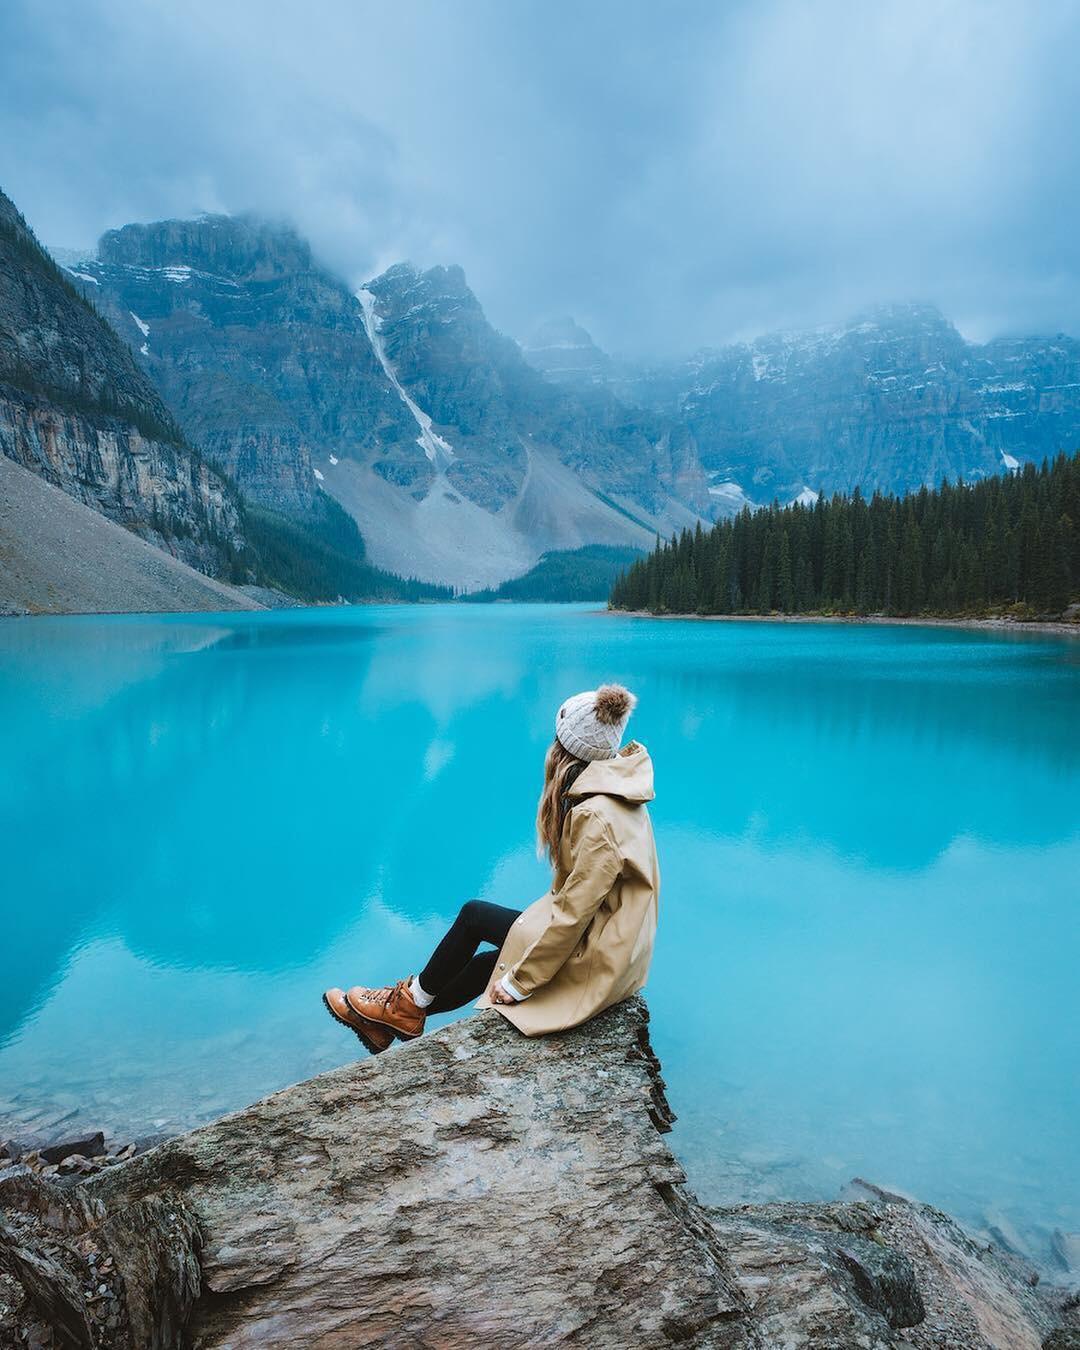 Có gì hay ở hồ nước màu xanh ngọc bích được mệnh danh là thiên đường trần gian ở Canada? - Ảnh 14.